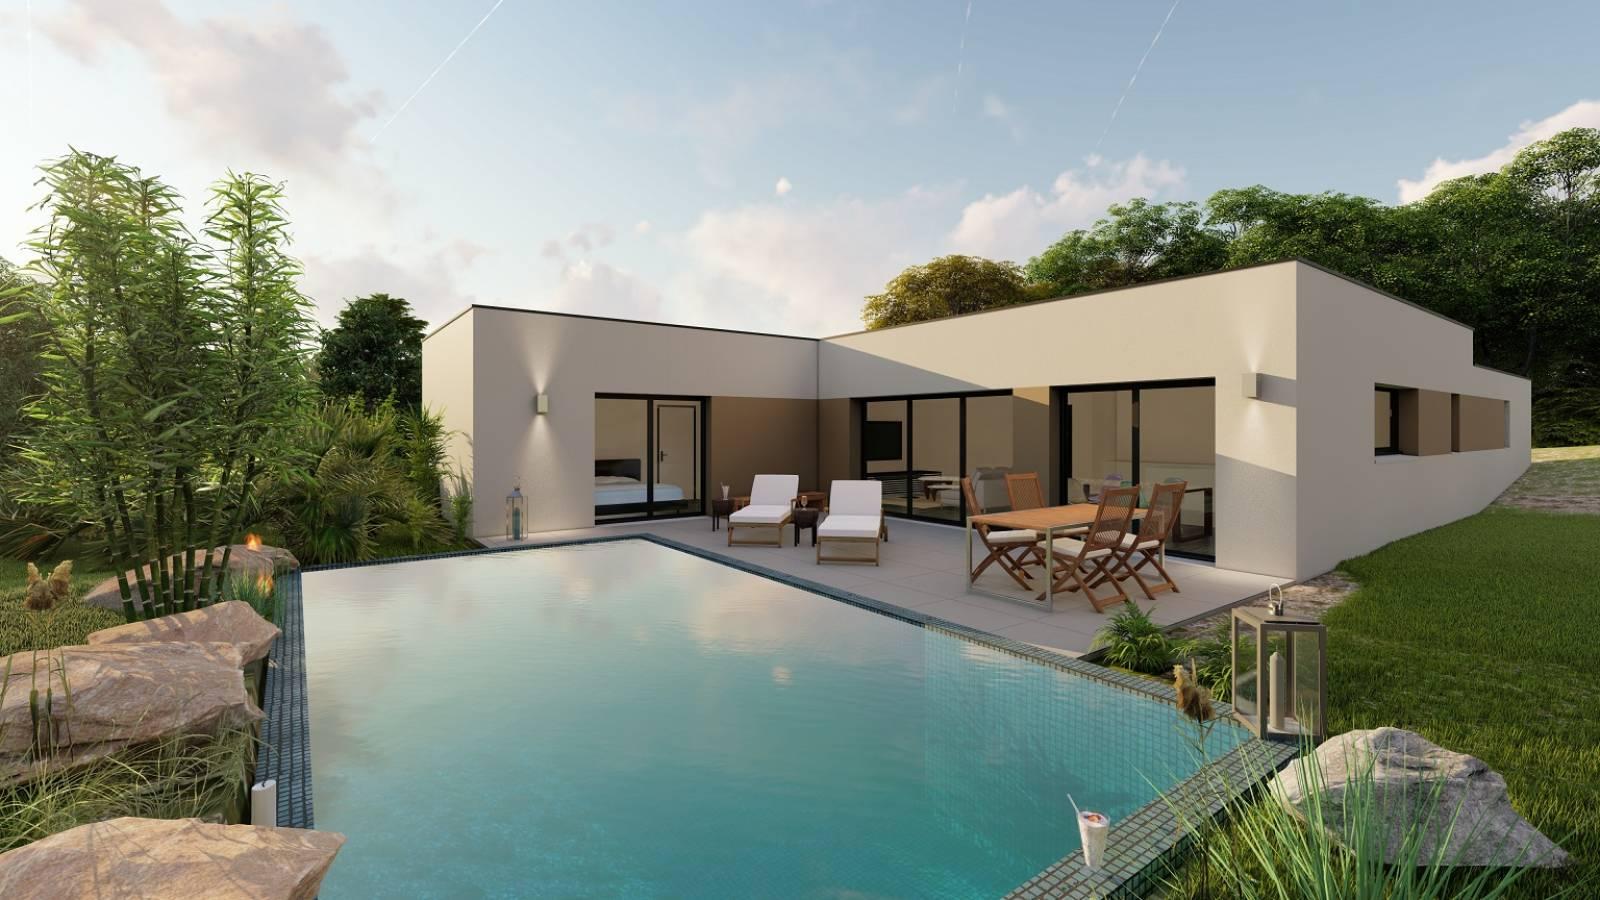 Maison contemporaine de plain pied Chasselay - Construction ...